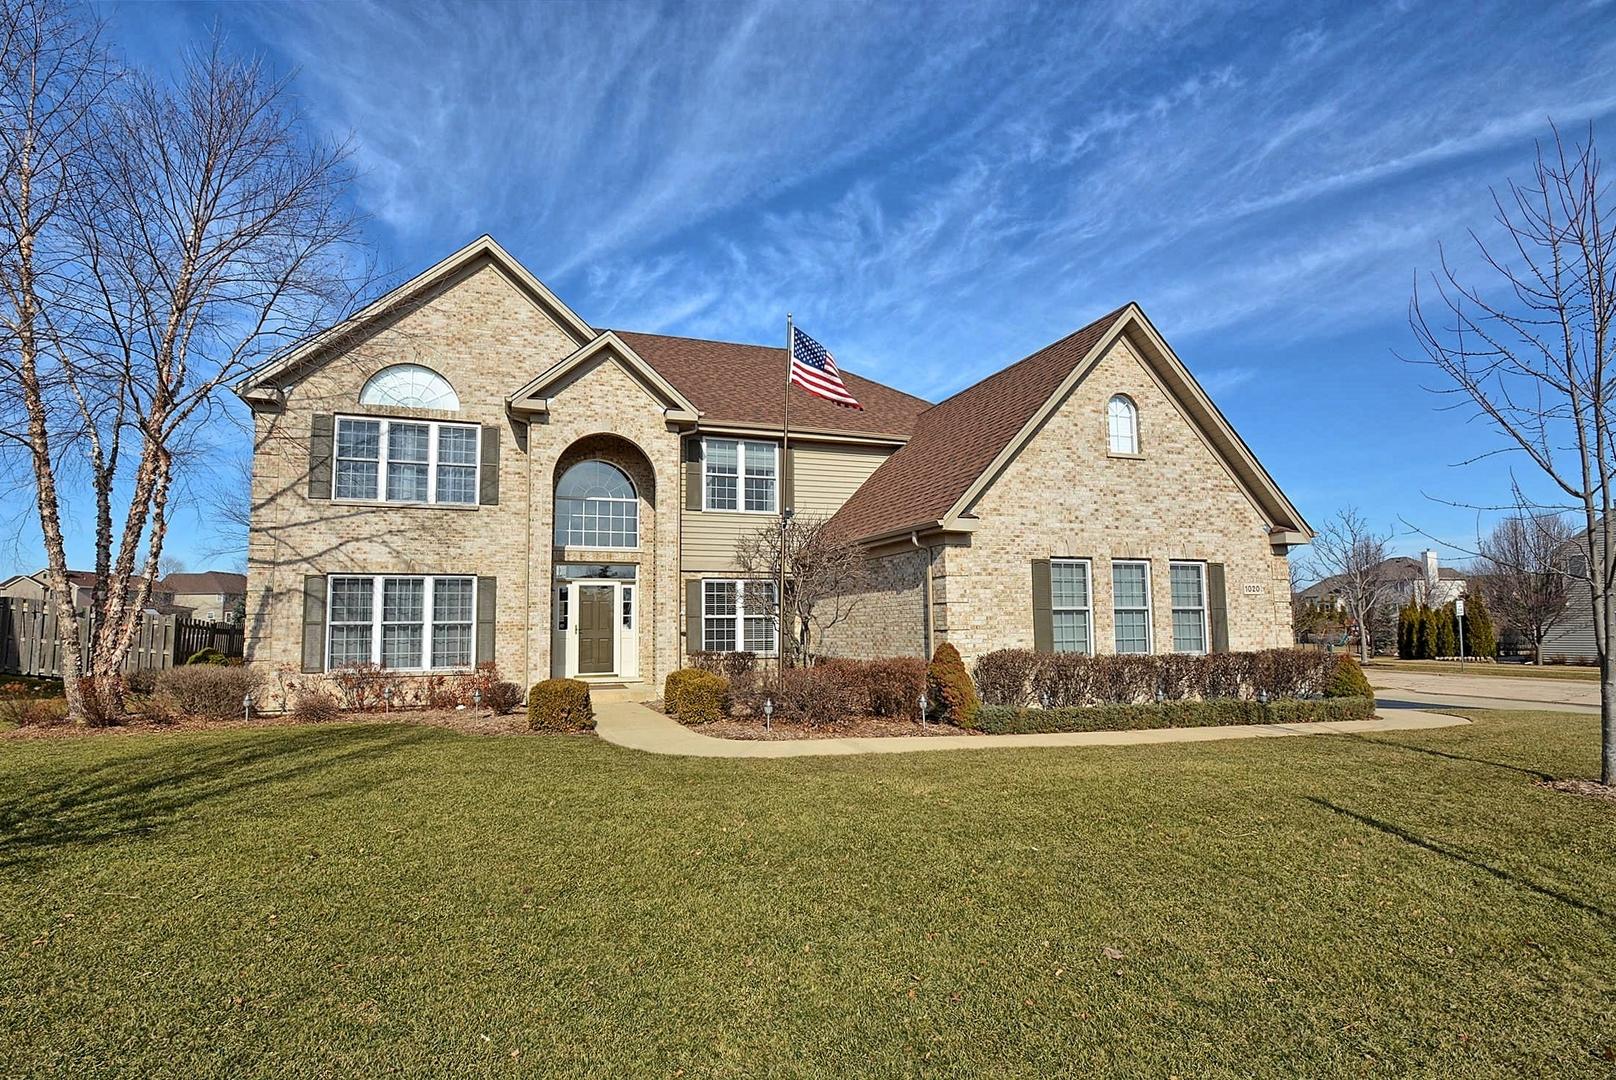 Property for sale at 1020 Par Drive, Algonquin,  IL 60102